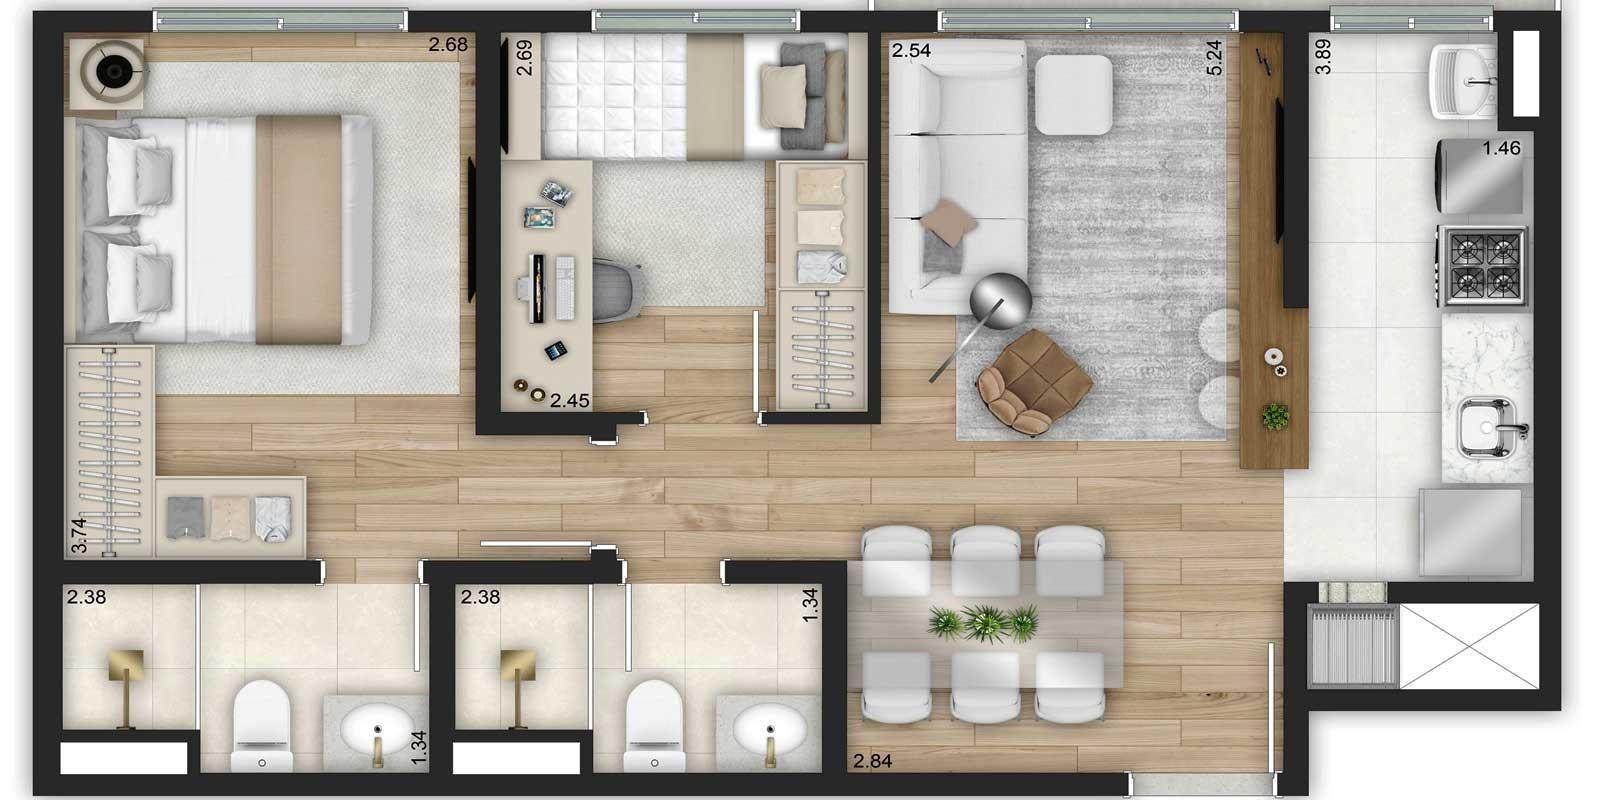 TPS Imóveis - Veja Foto 28 de 32 do Apartamentos de 2 e 3 dormitórios com suíte